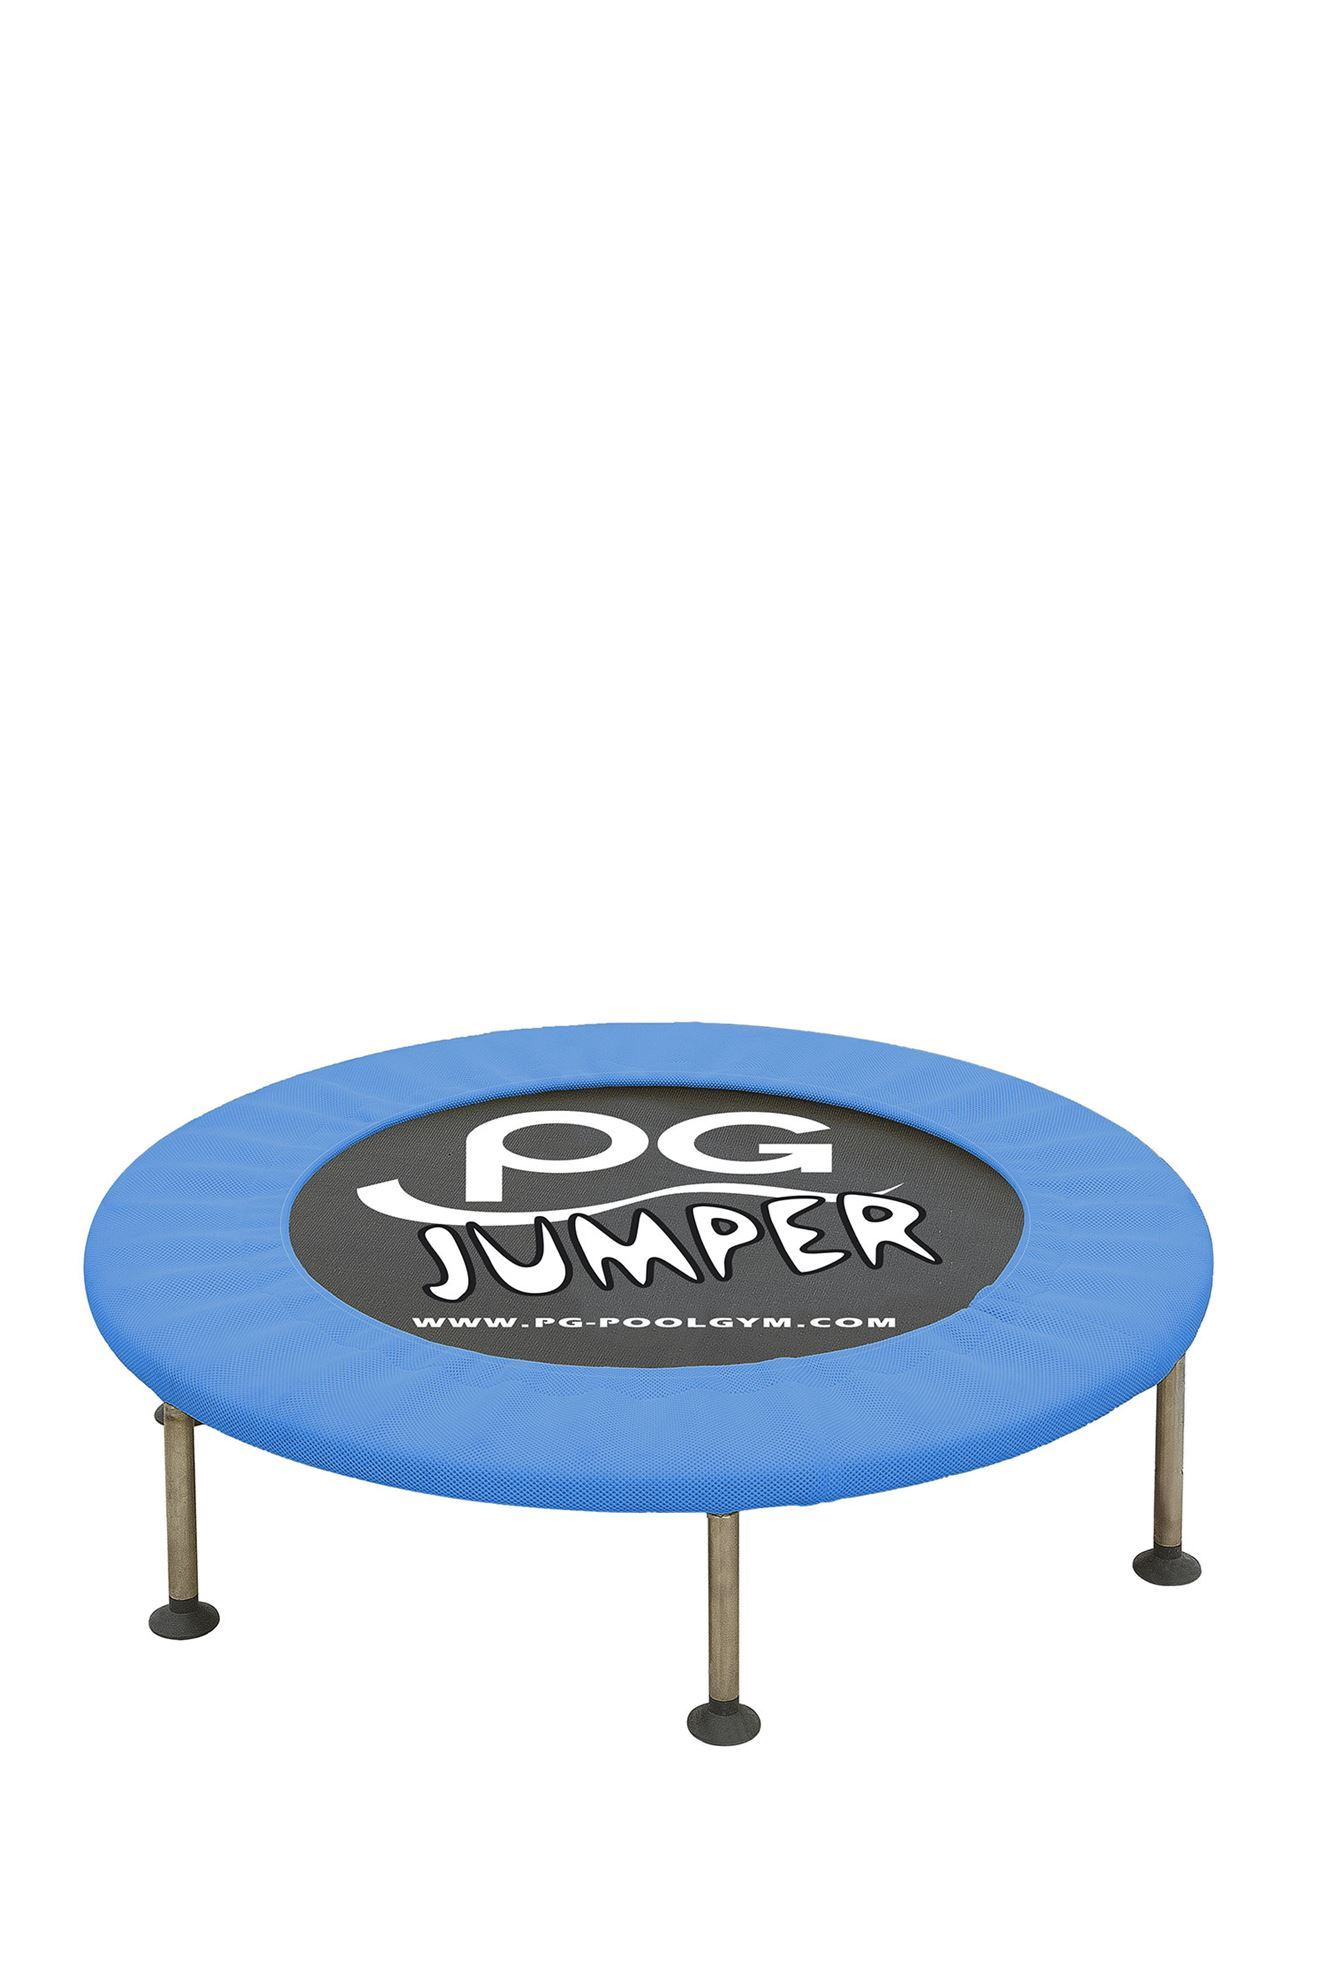 206101 - AQUA JUMPER